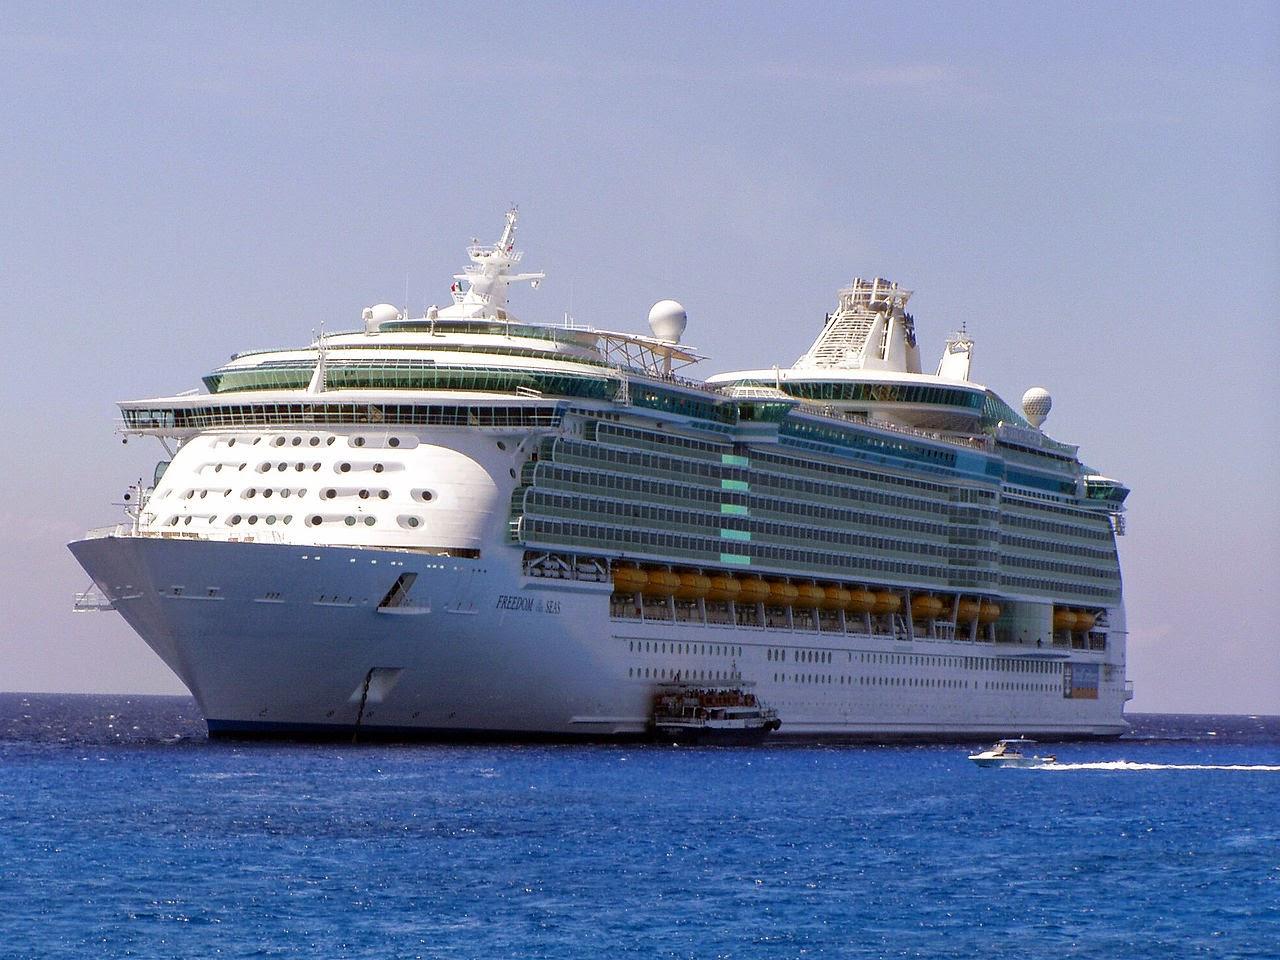 Dicas para evitar enjoos e náuseas ao viajar em um navio de cruzeiro marítimo e outras embarcações